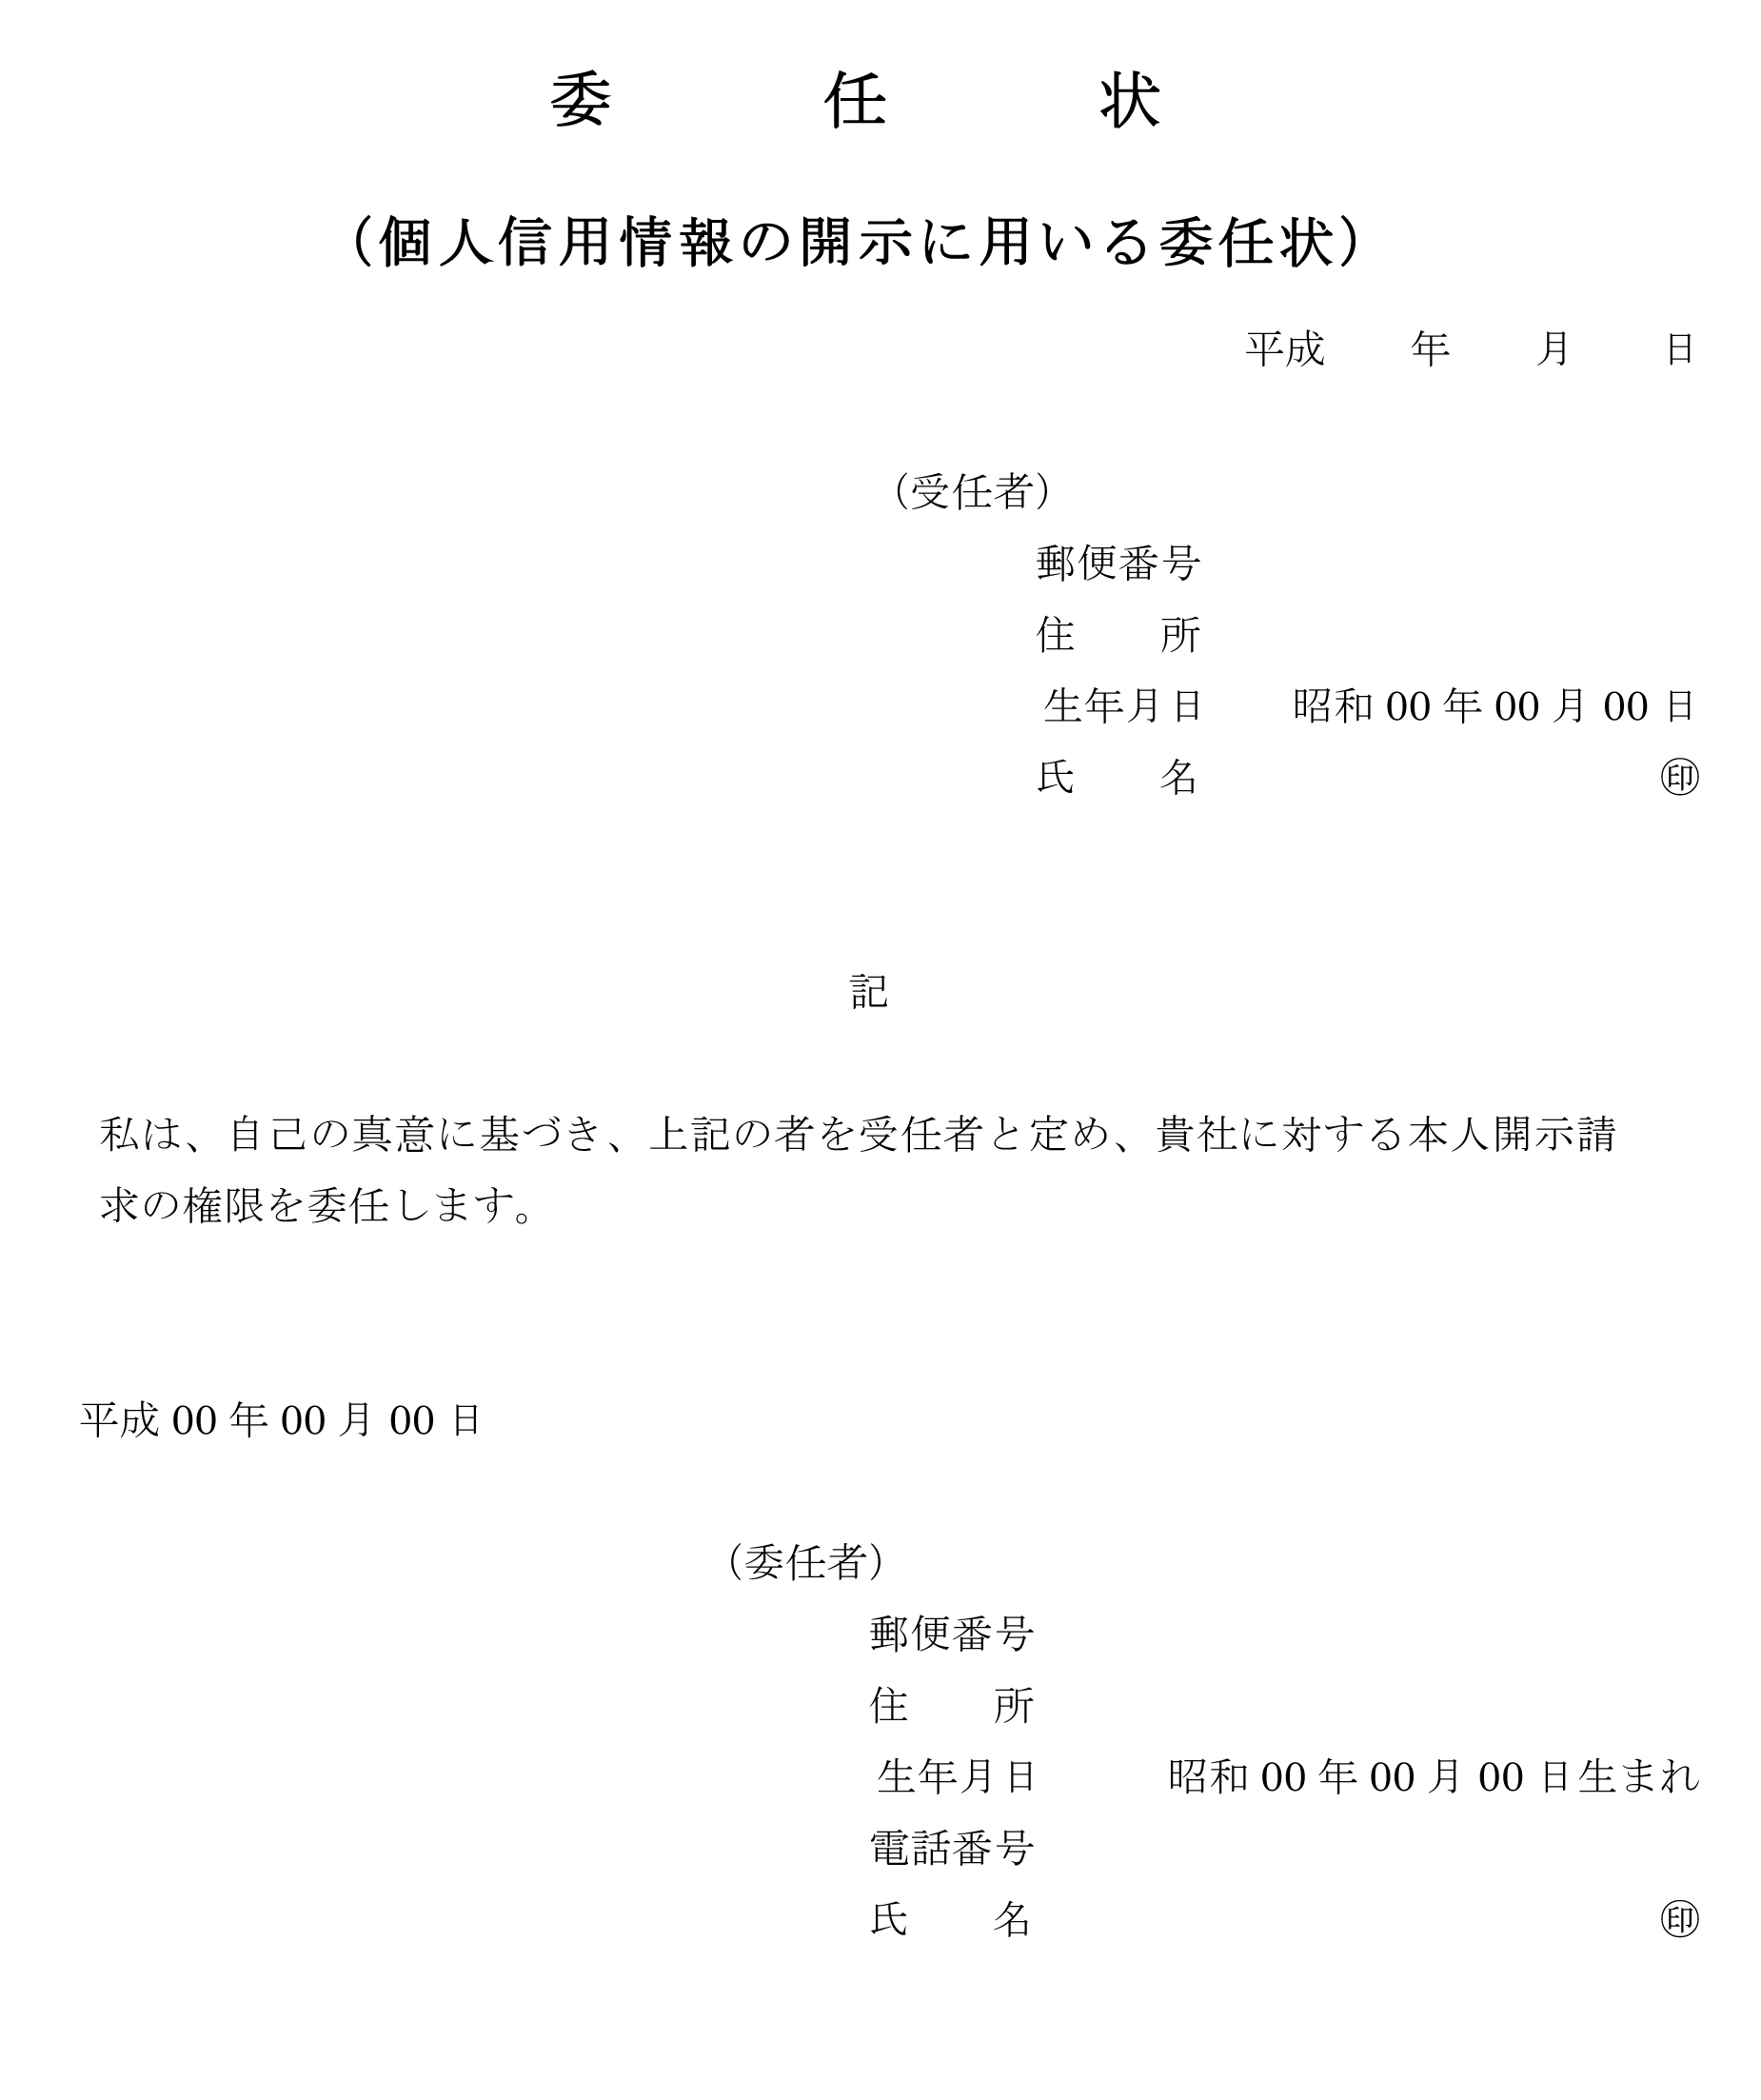 委任状(個人信用情報の開示)